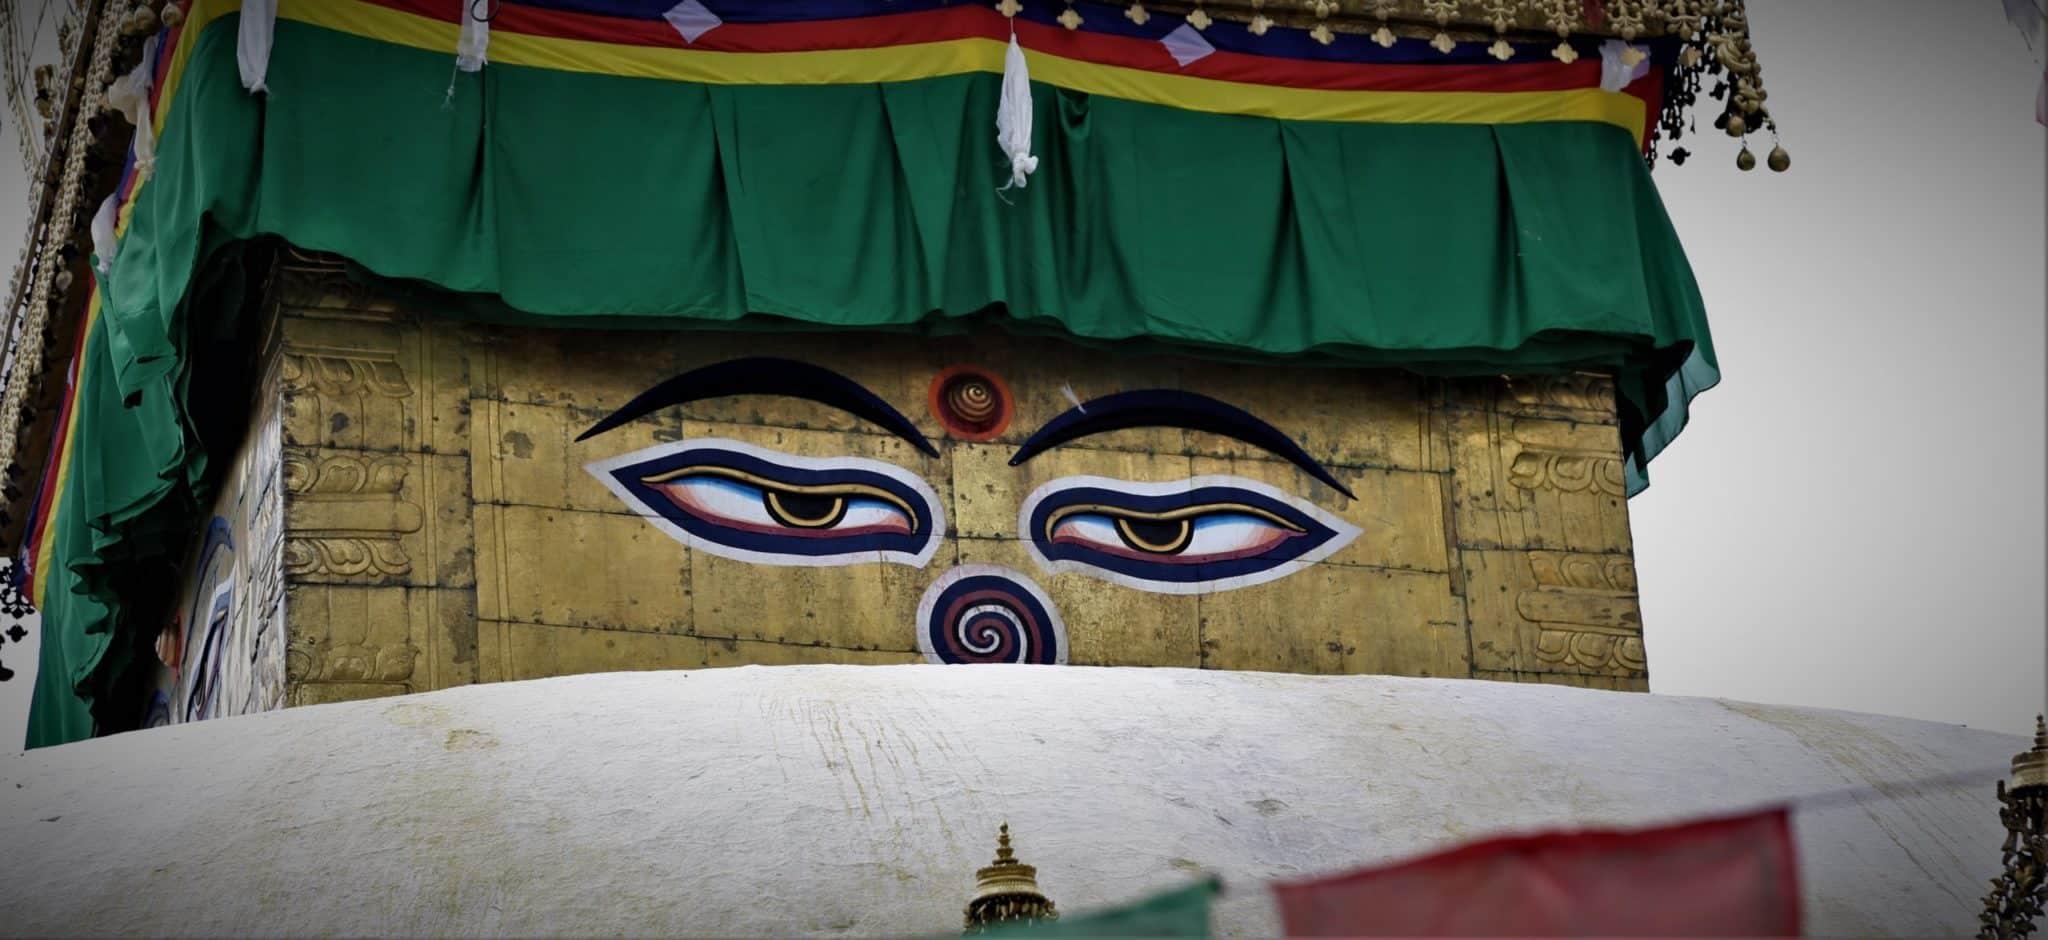 Yeux de bouddha Symbole bouddhiste Mes Indes Galantes